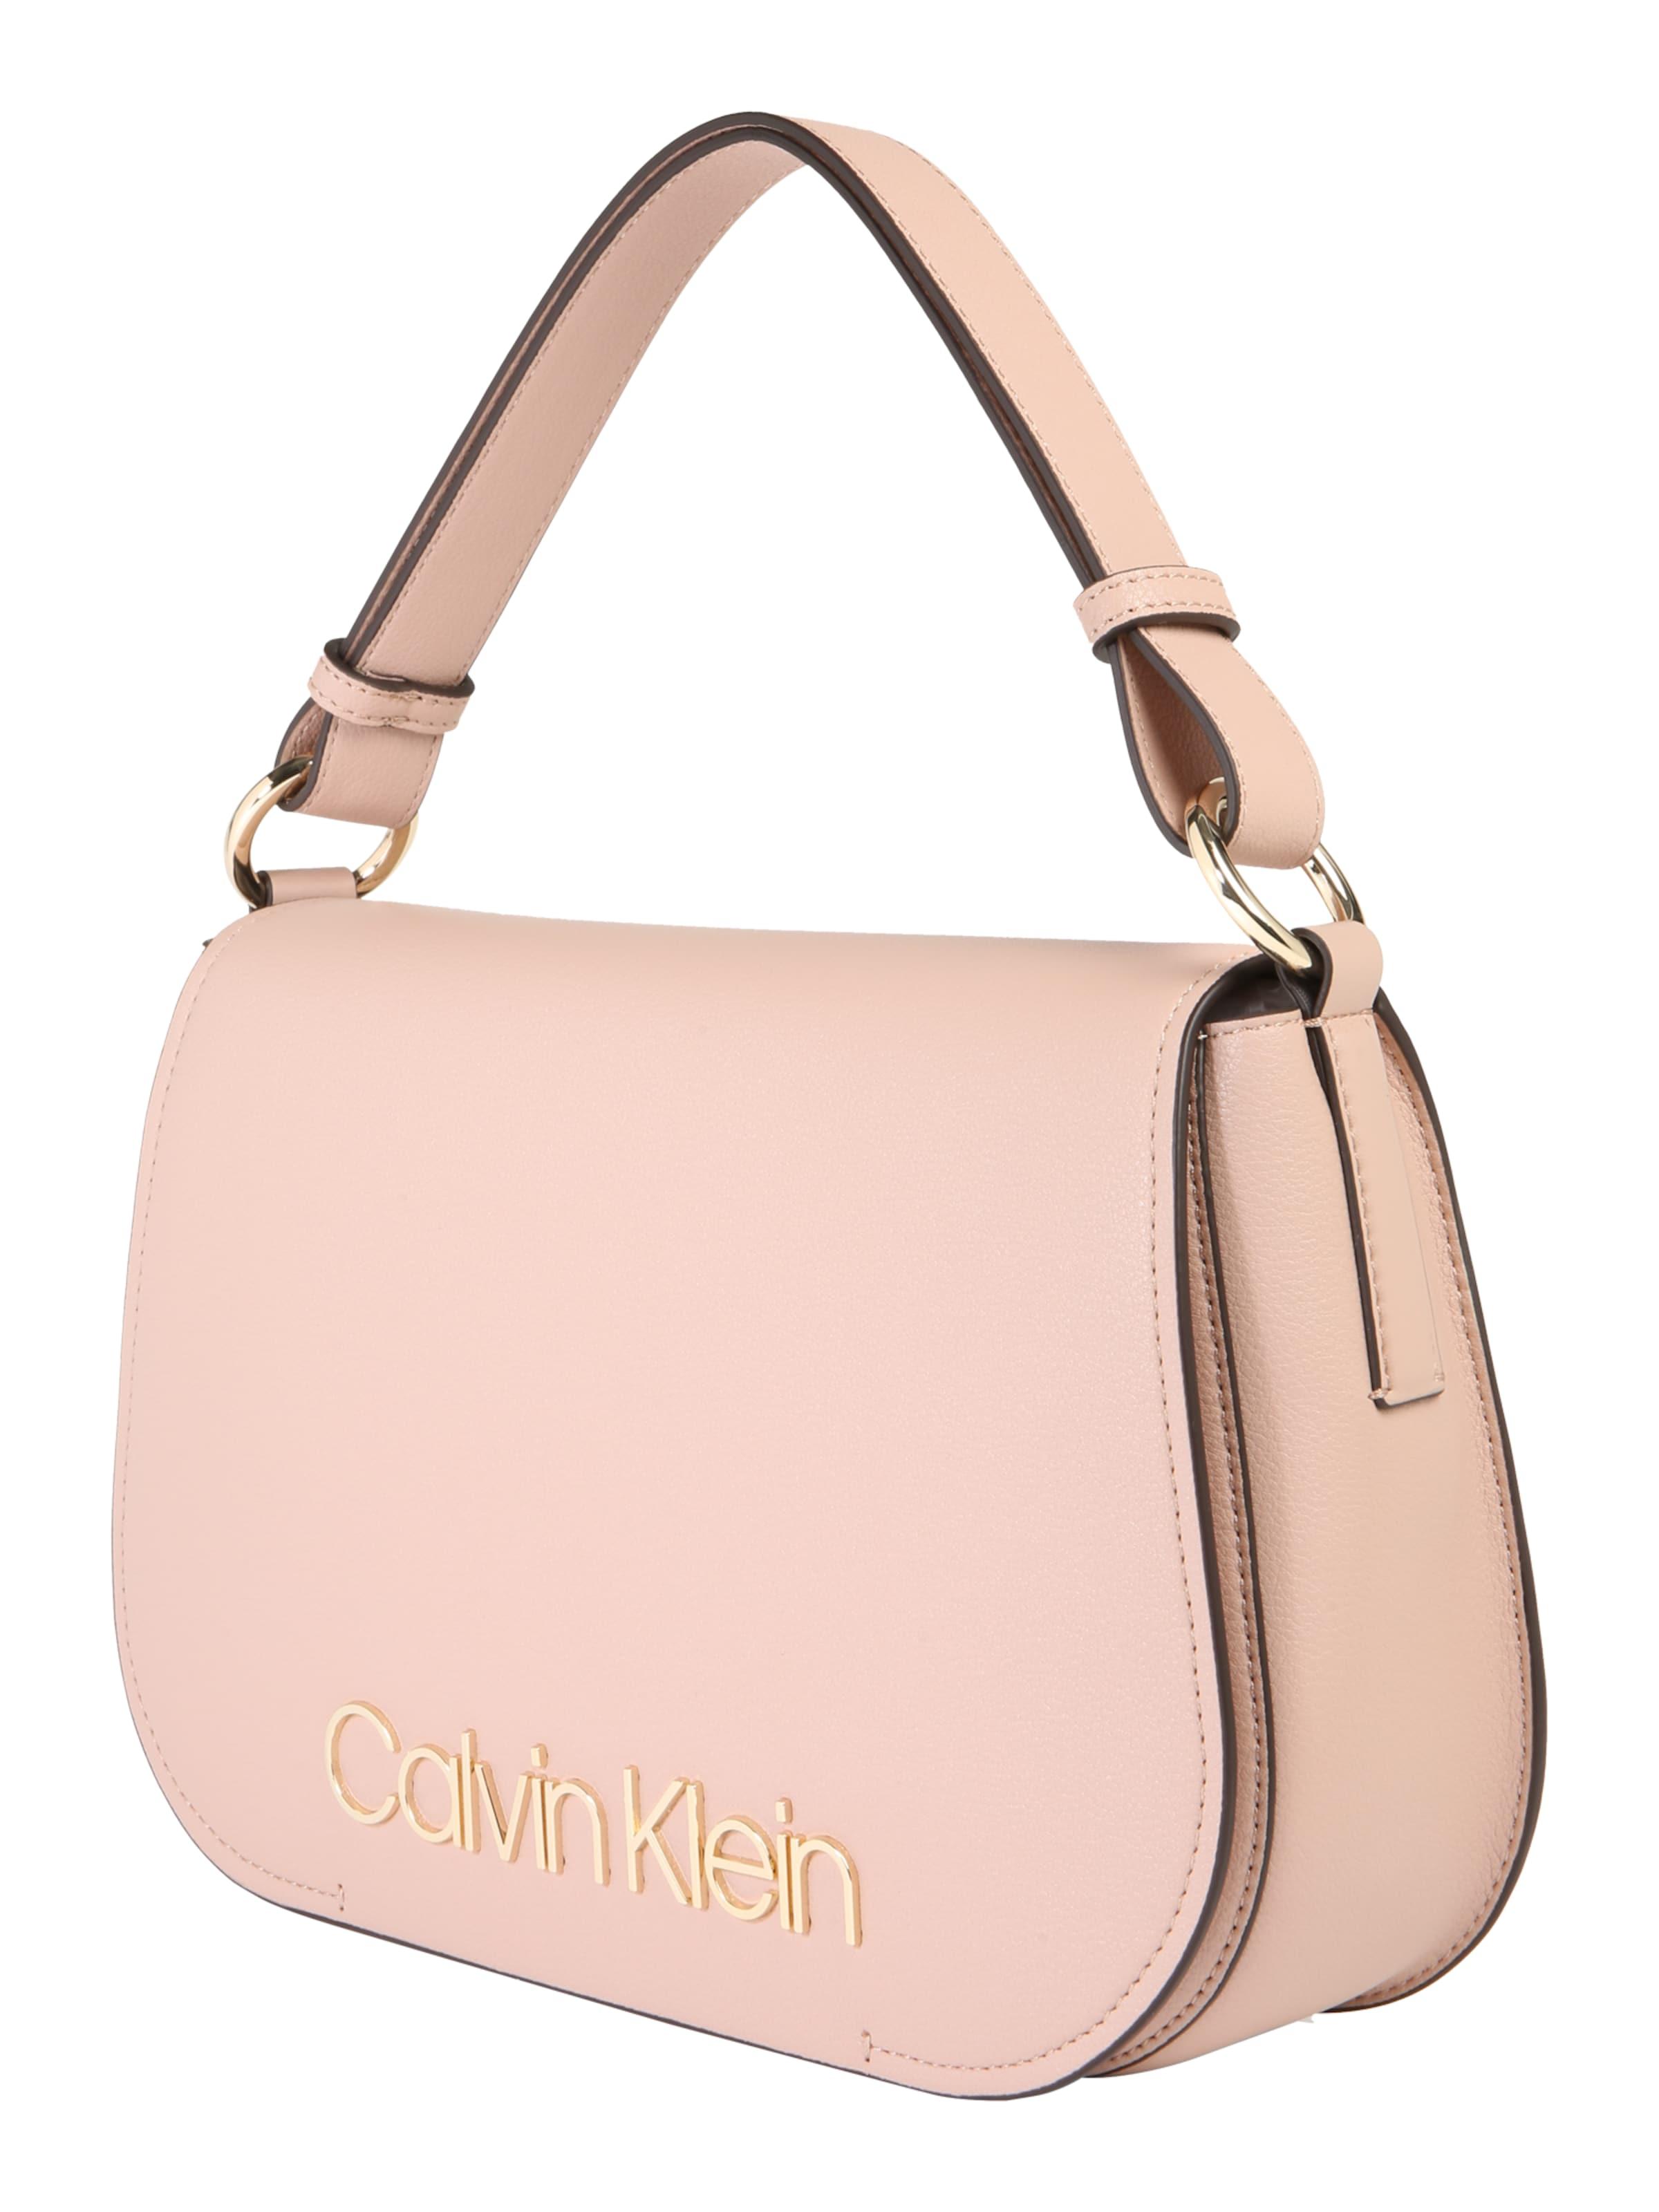 Calvin Klein Nude Tasche In Up Satchel' 'dressed sBdCtxQhro